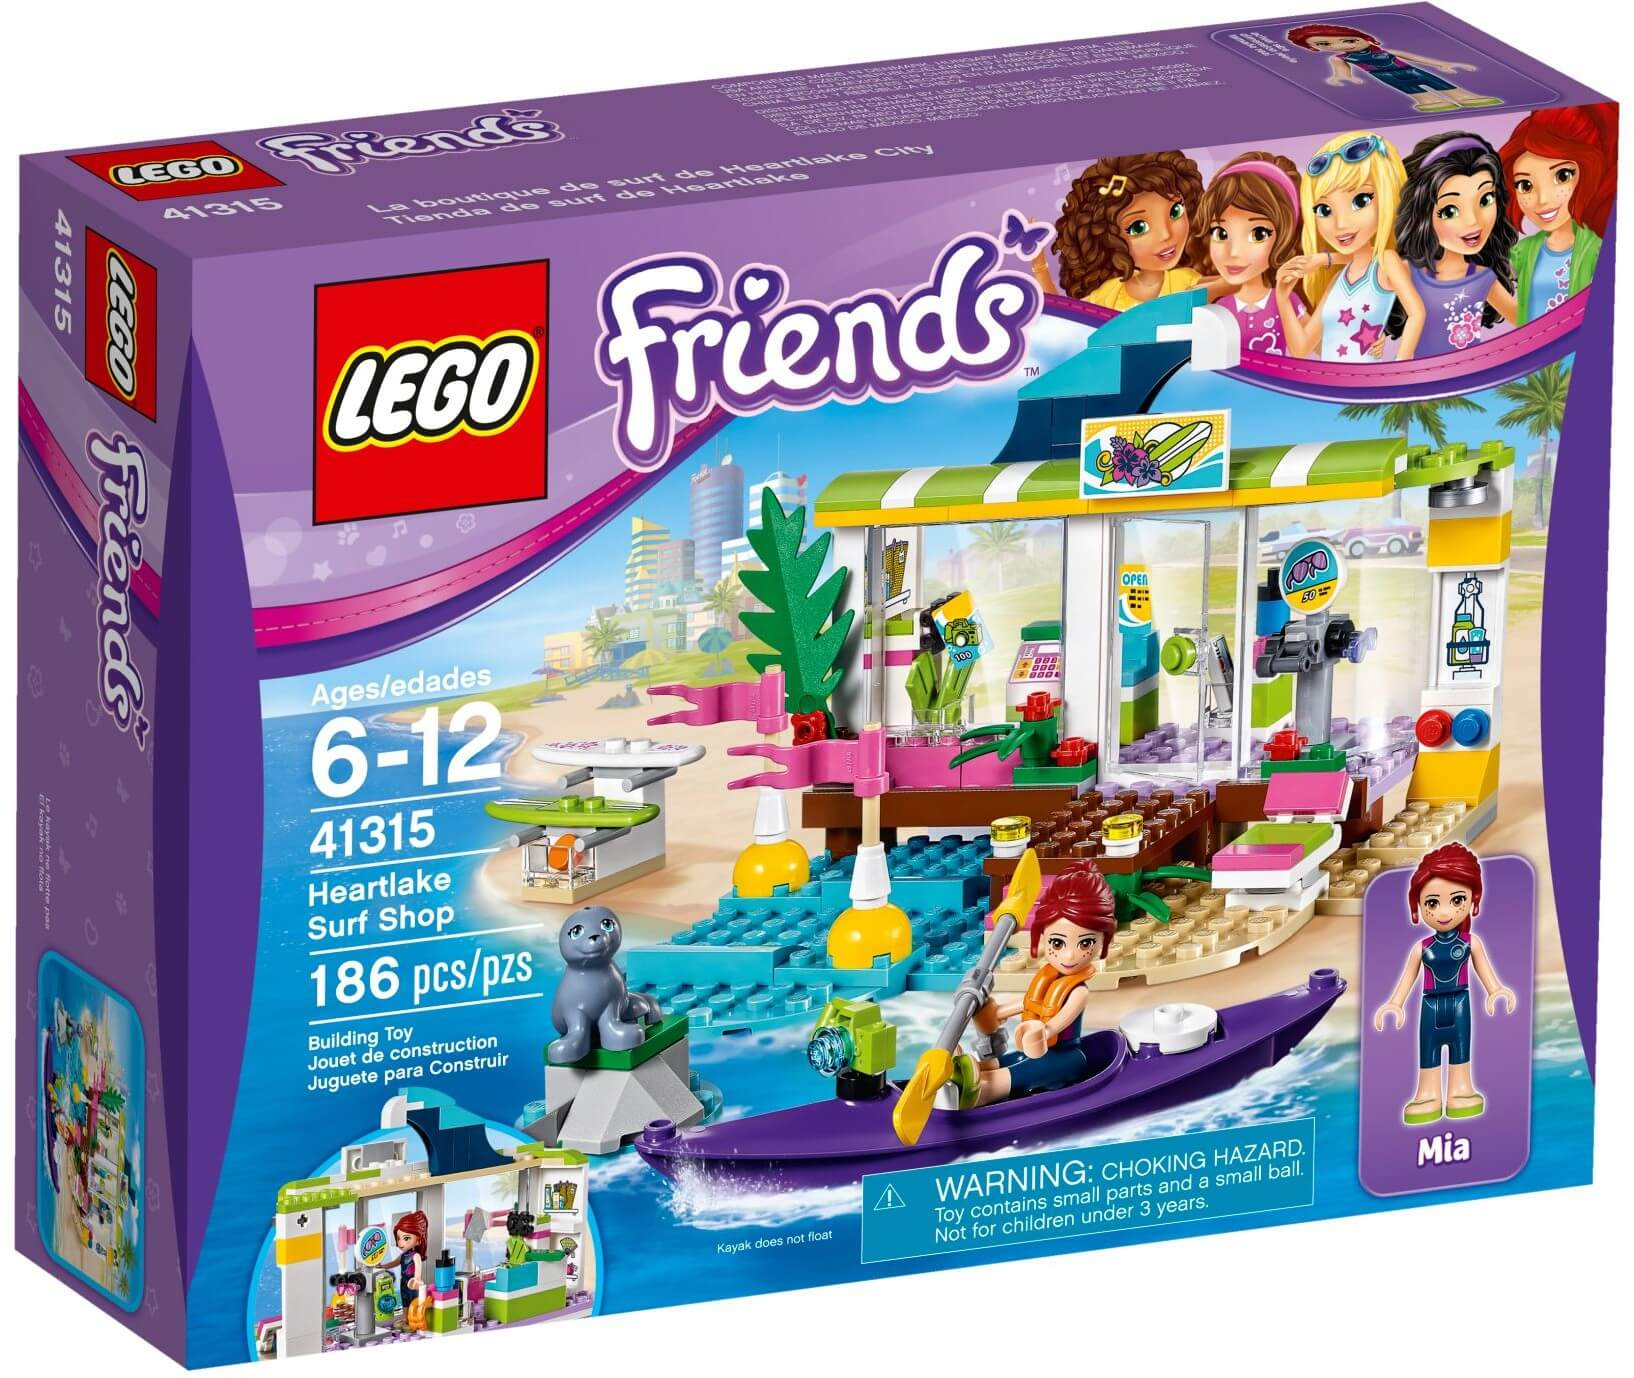 Mua đồ chơi LEGO 41315 - LEGO Friends 41315 - Cửa Hàng Ván Trượt Heartlake (LEGO Friends Heartlake Surf Shop)